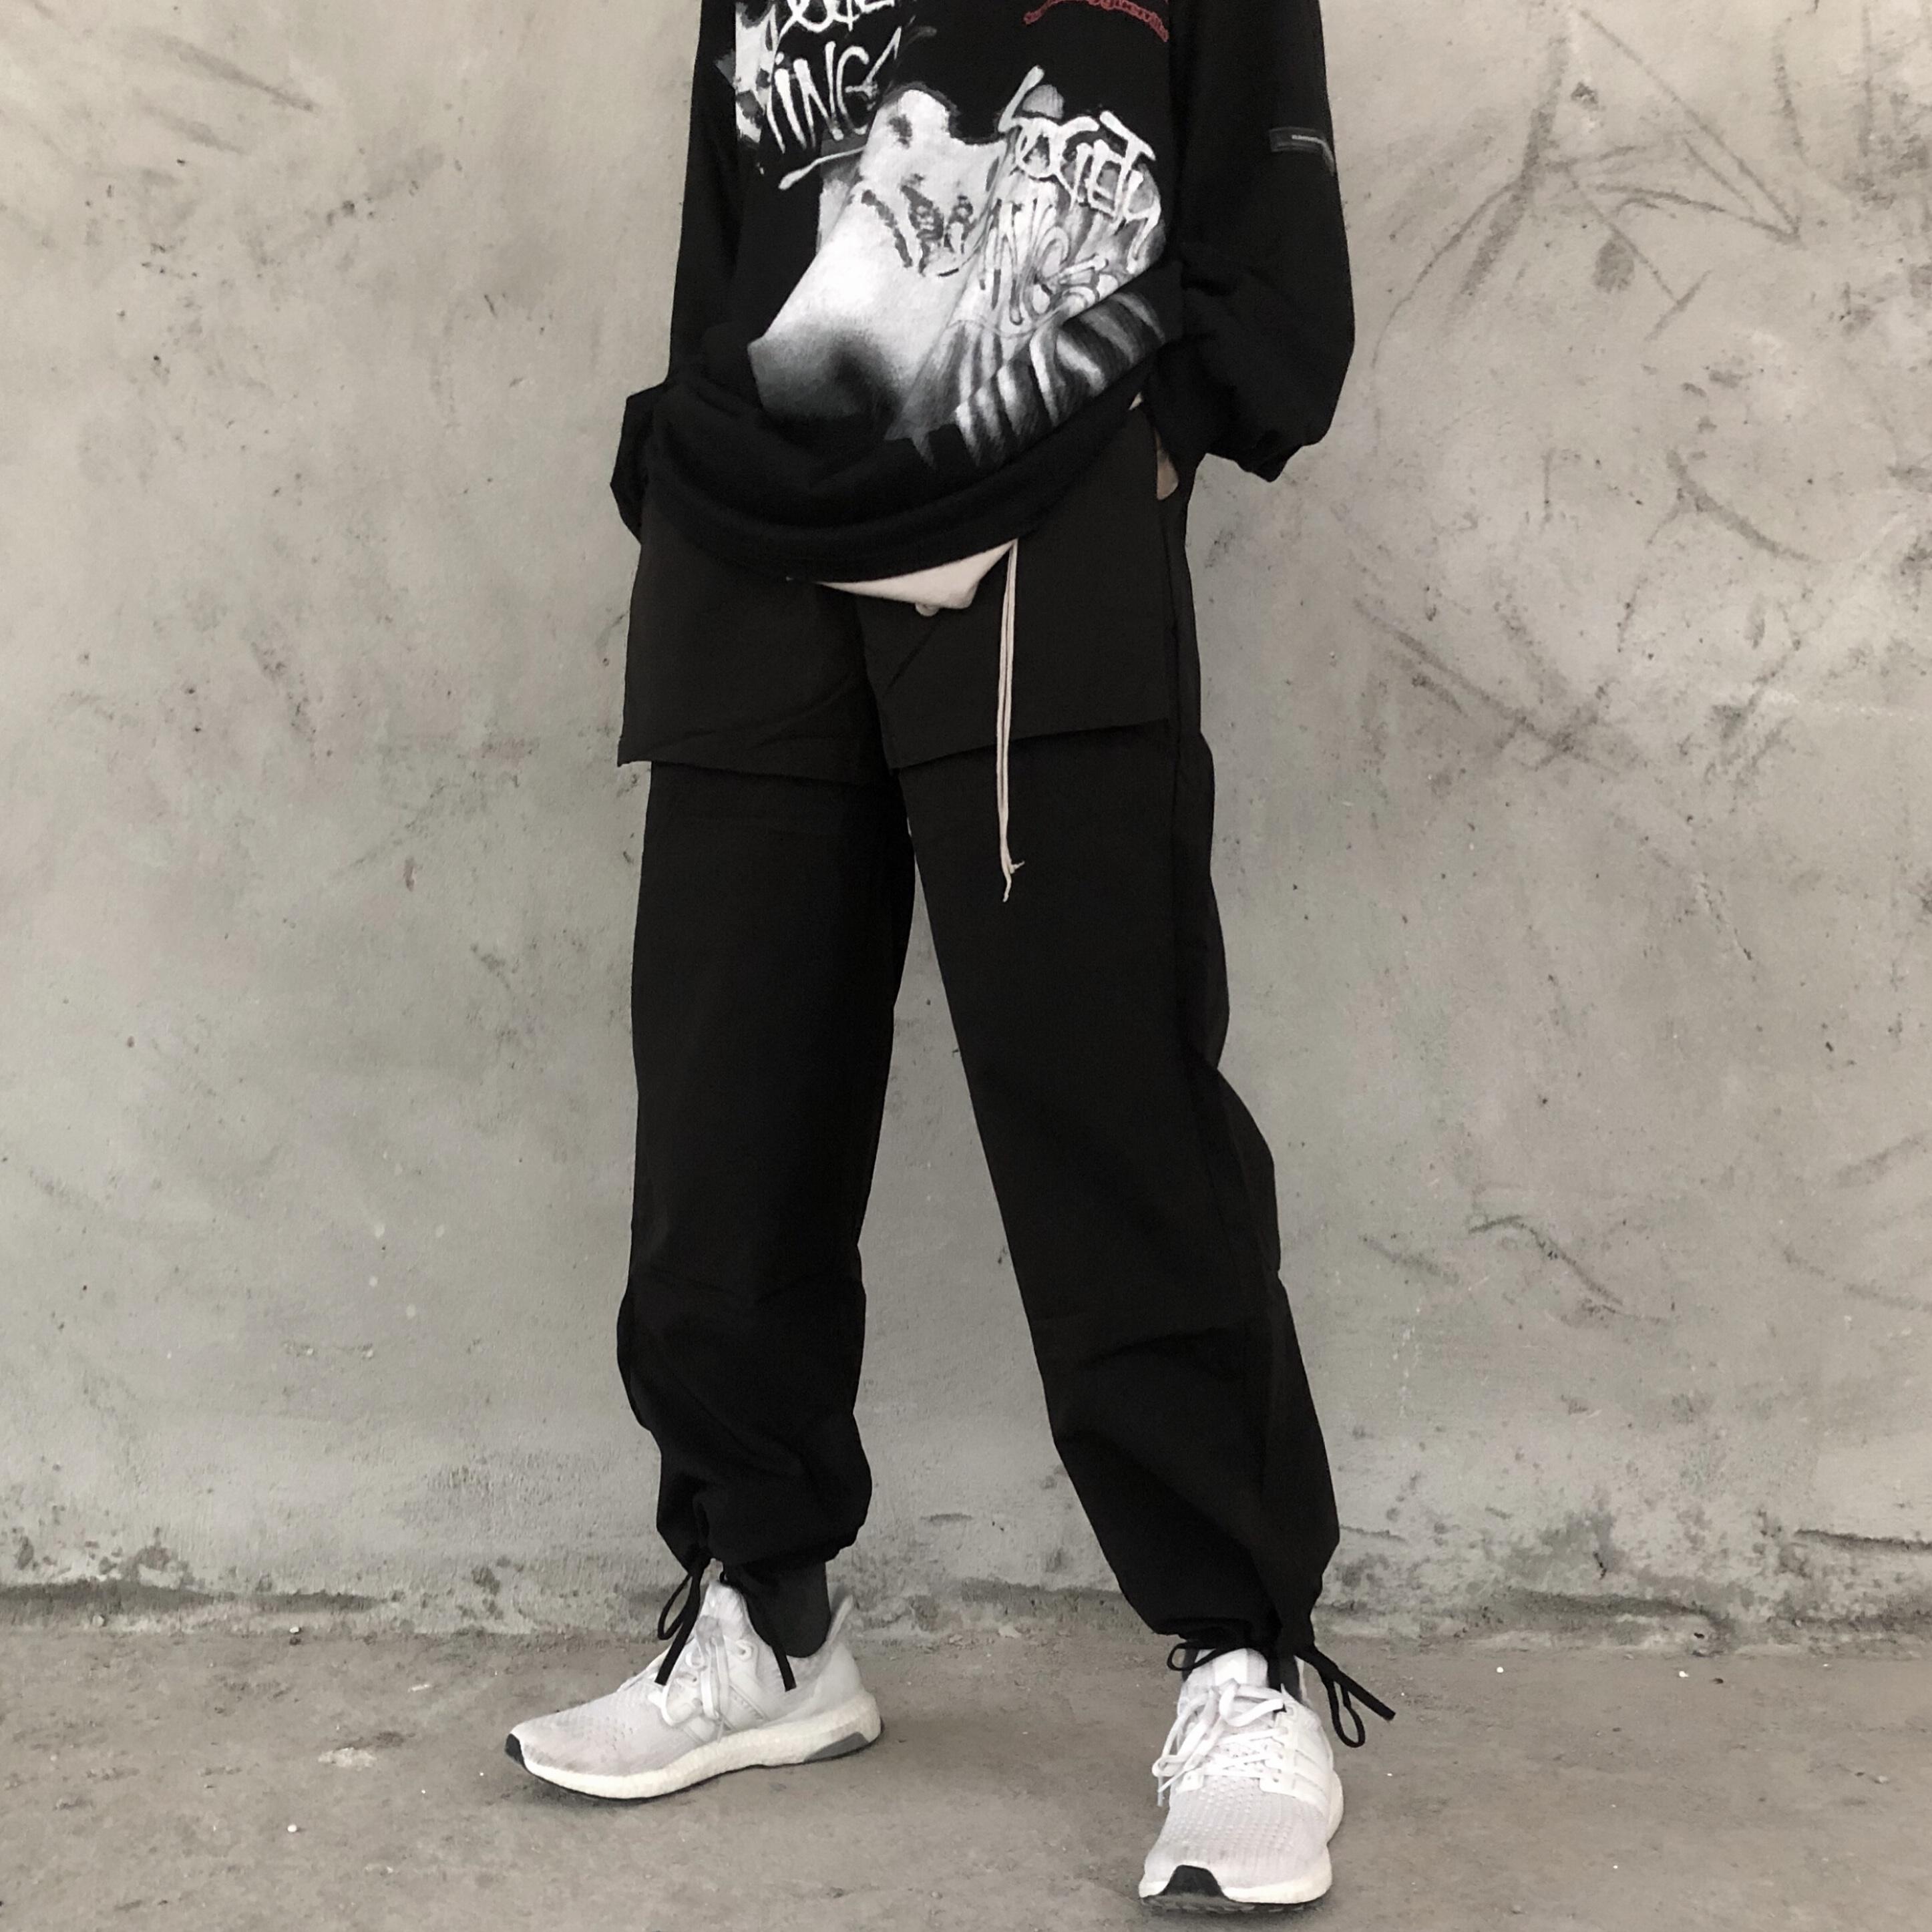 热销39件五折促销A chock 国潮街头嘻哈抽绳束脚裤男反穿设计直筒宽松口袋工装裤潮